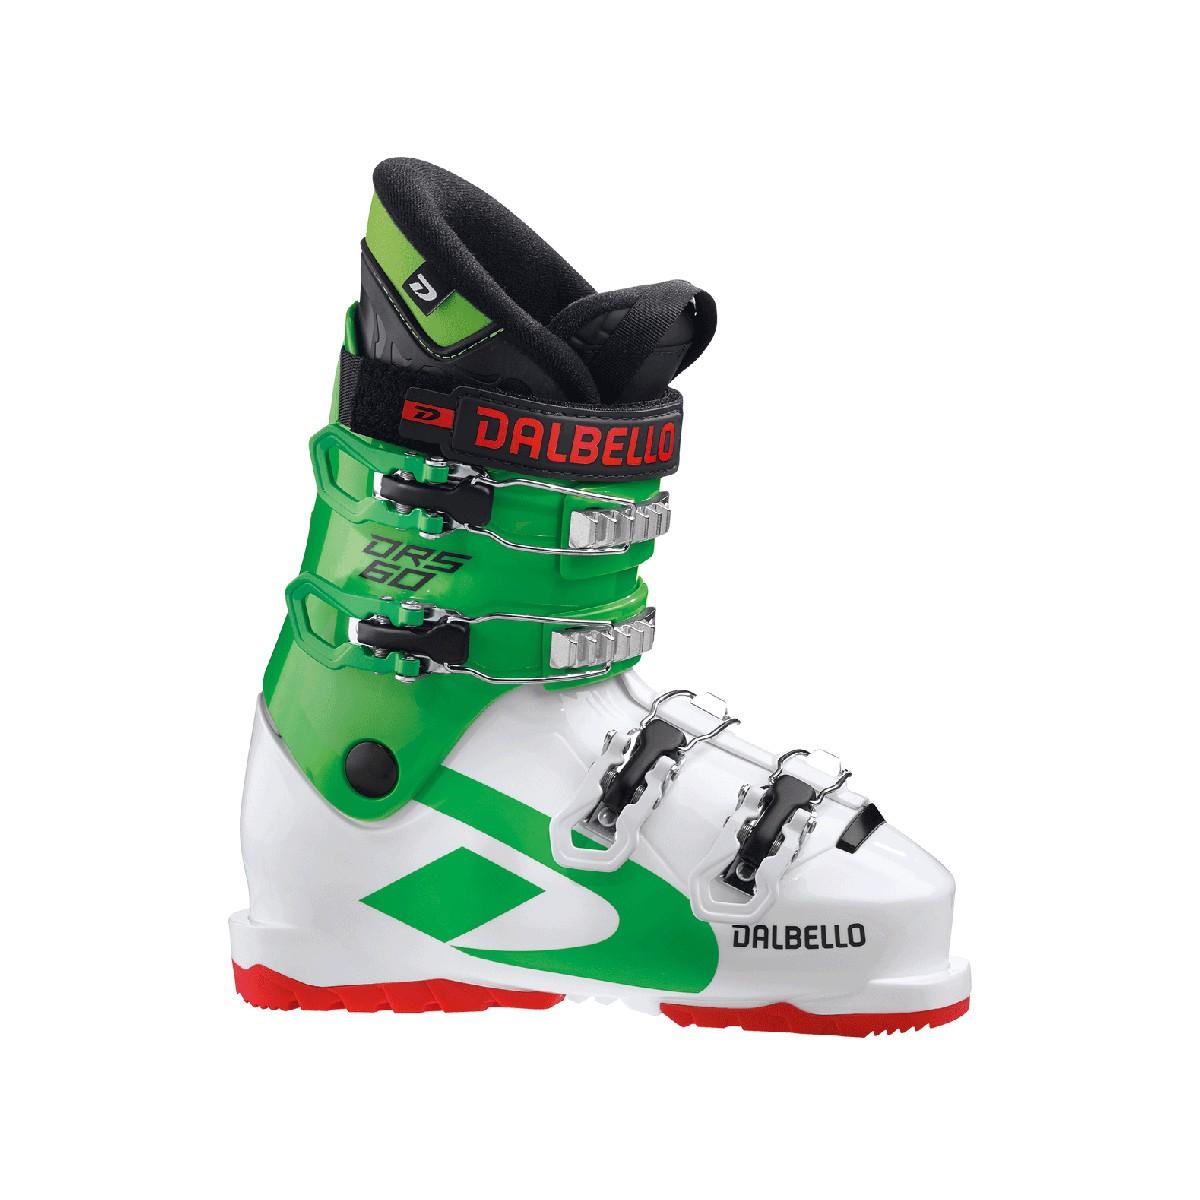 Scarponi sci Dalbello DRS 60 (Colore: white-race green, Taglia: 20.5)